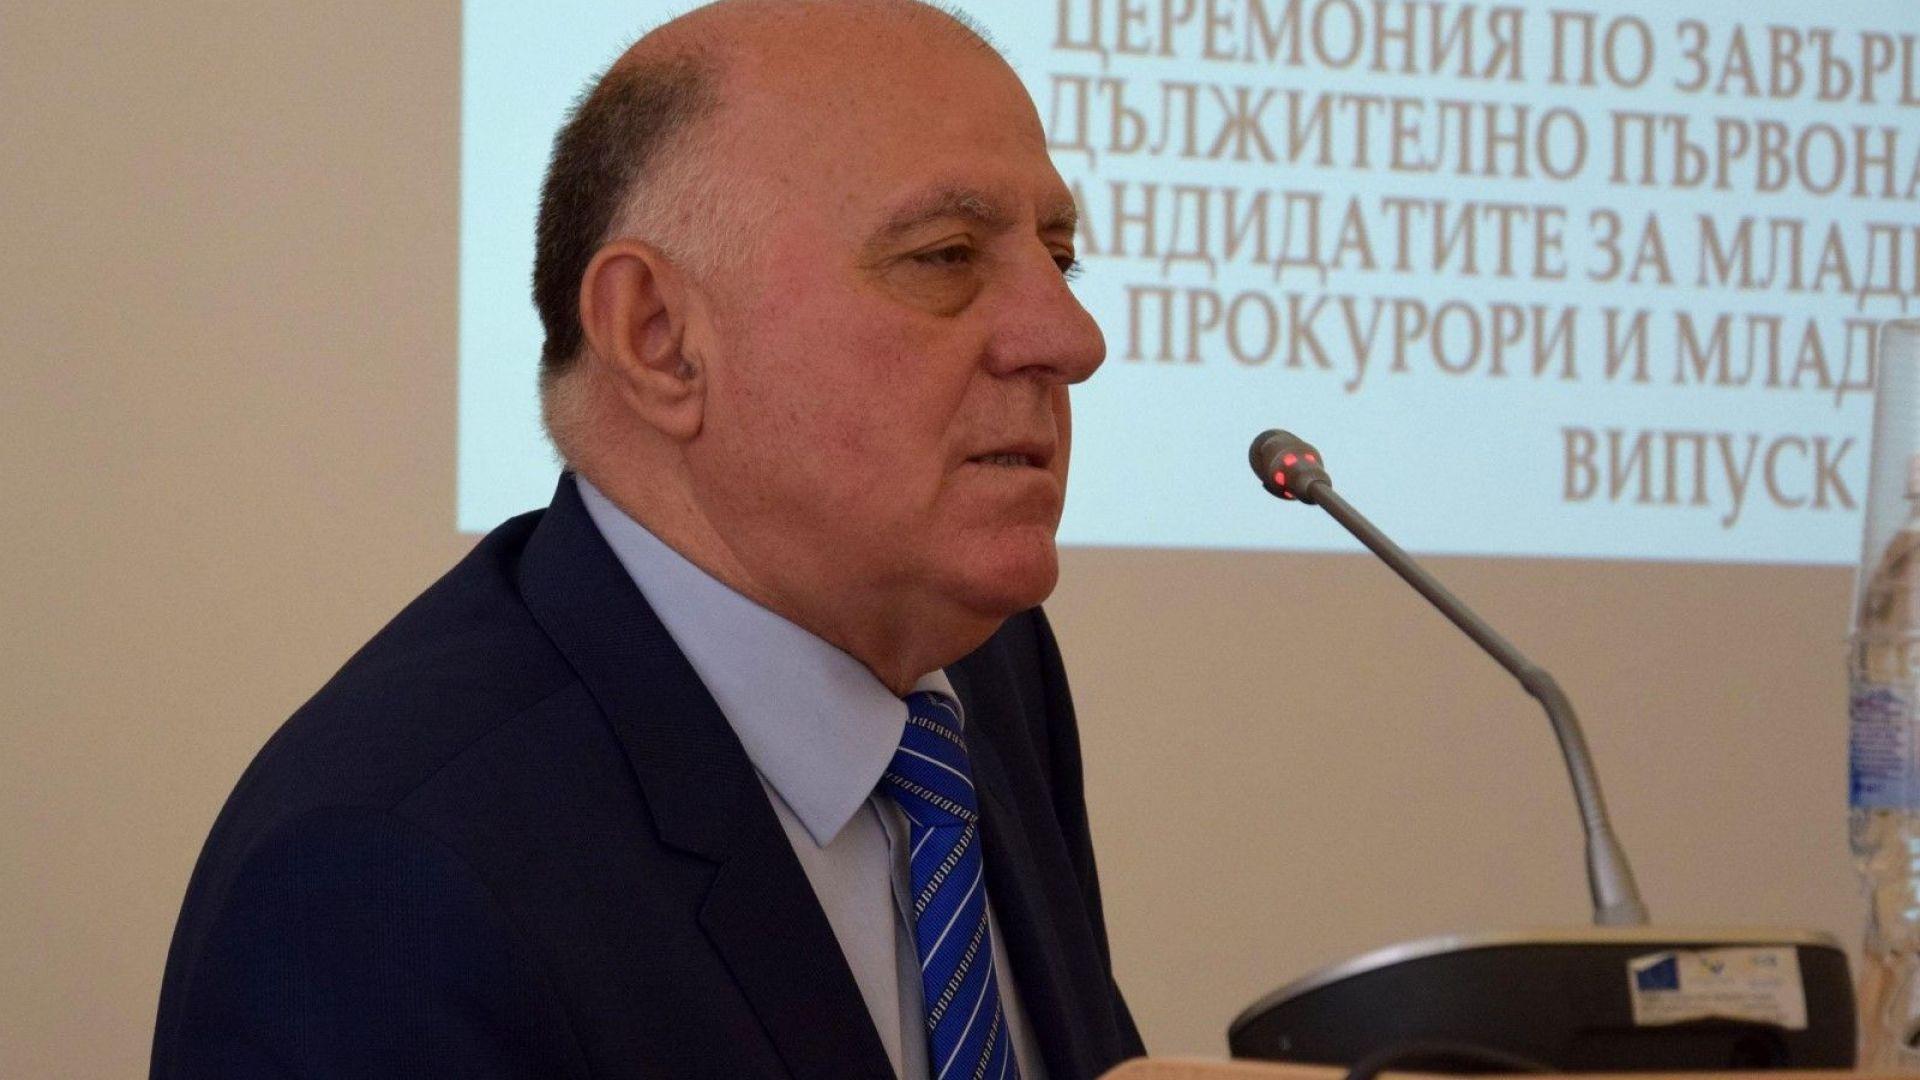 Представляващият ВСС Боян Магдалинчев смята, че следващата сряда е възможно